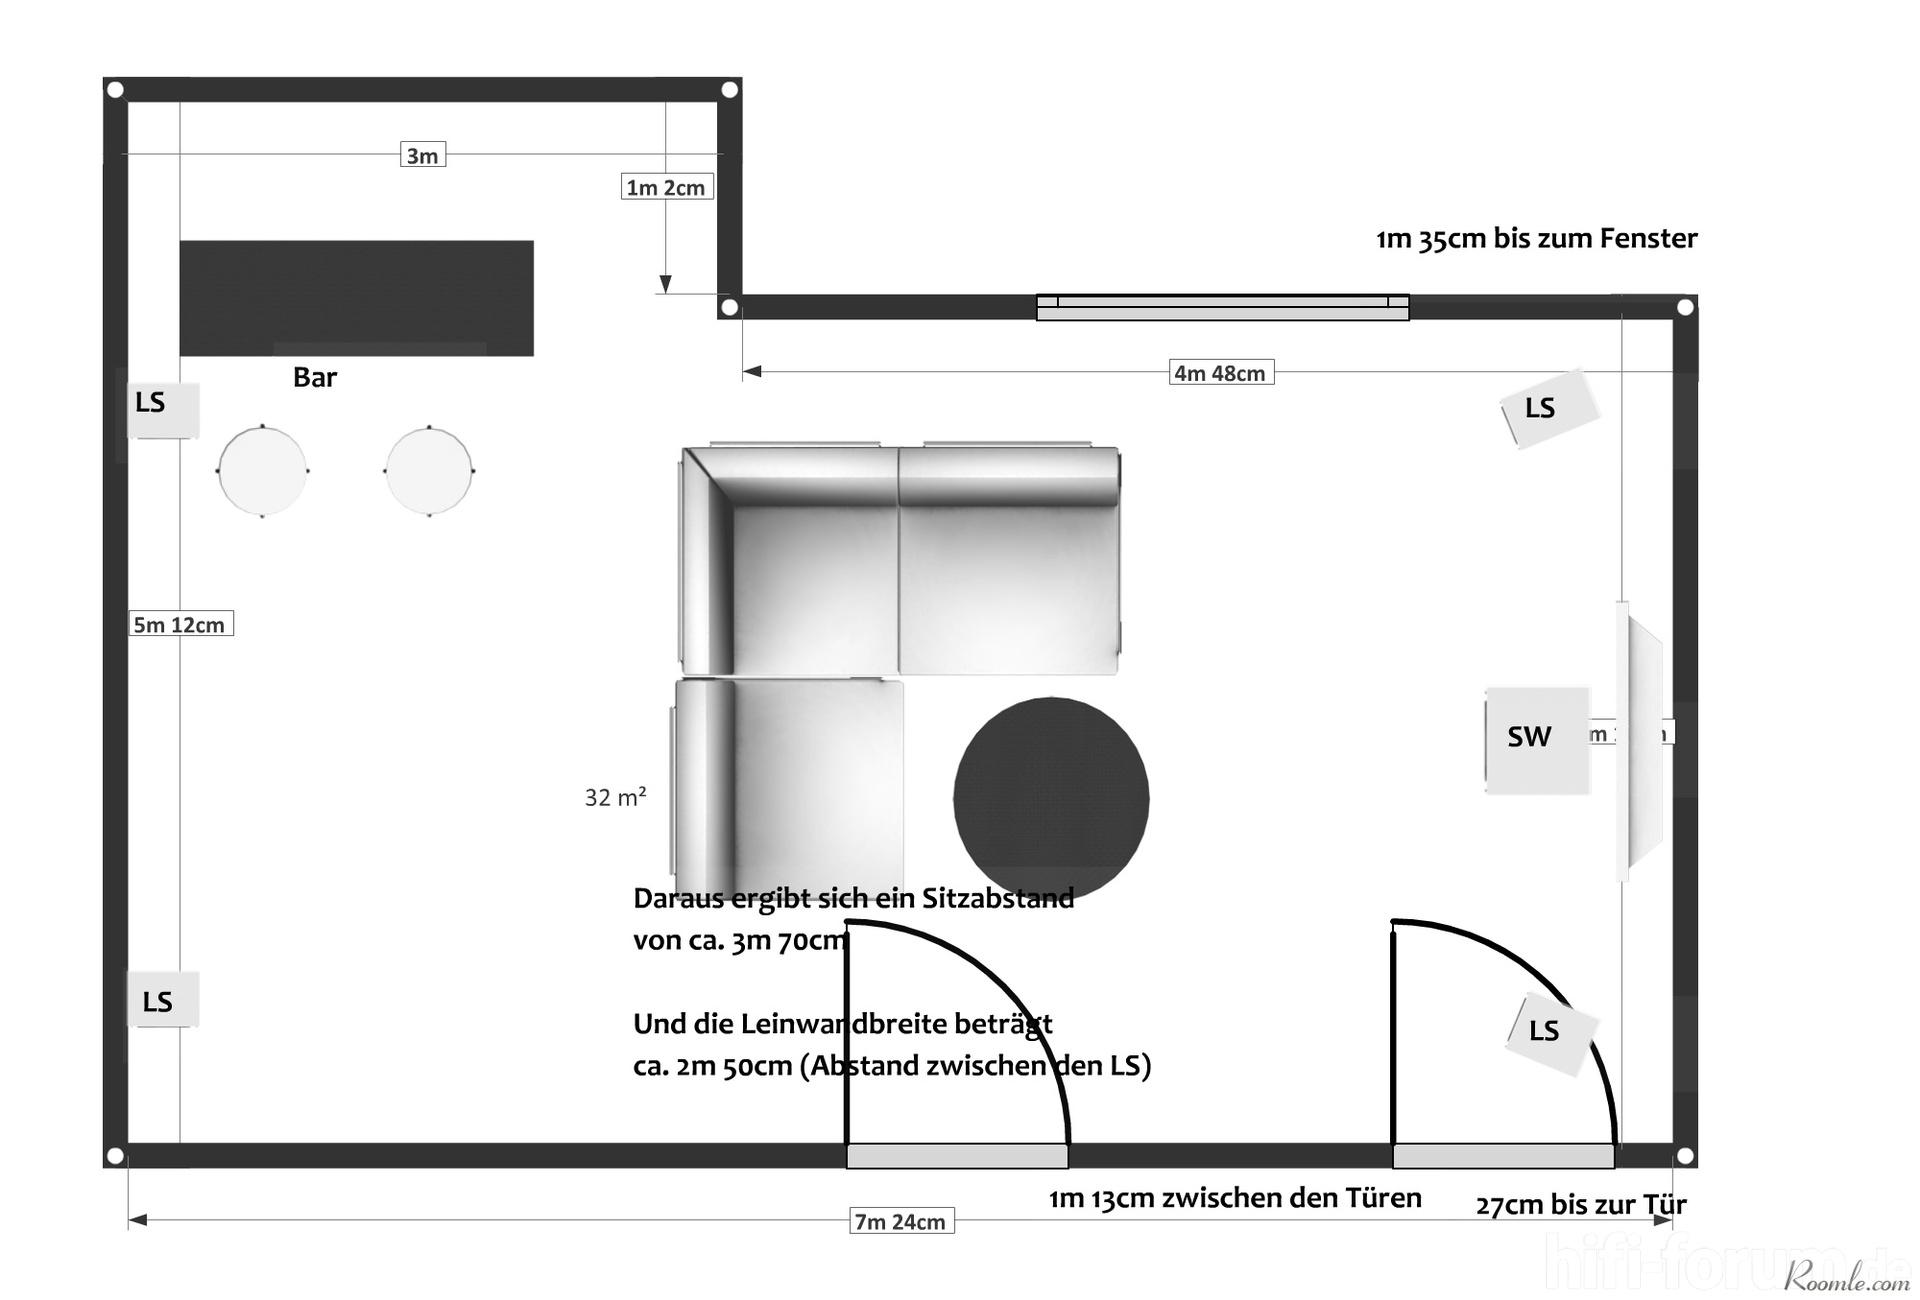 kellerraum grundriss mit fenster und t ren beamer fenster grundriss kellerraum tv t ren. Black Bedroom Furniture Sets. Home Design Ideas